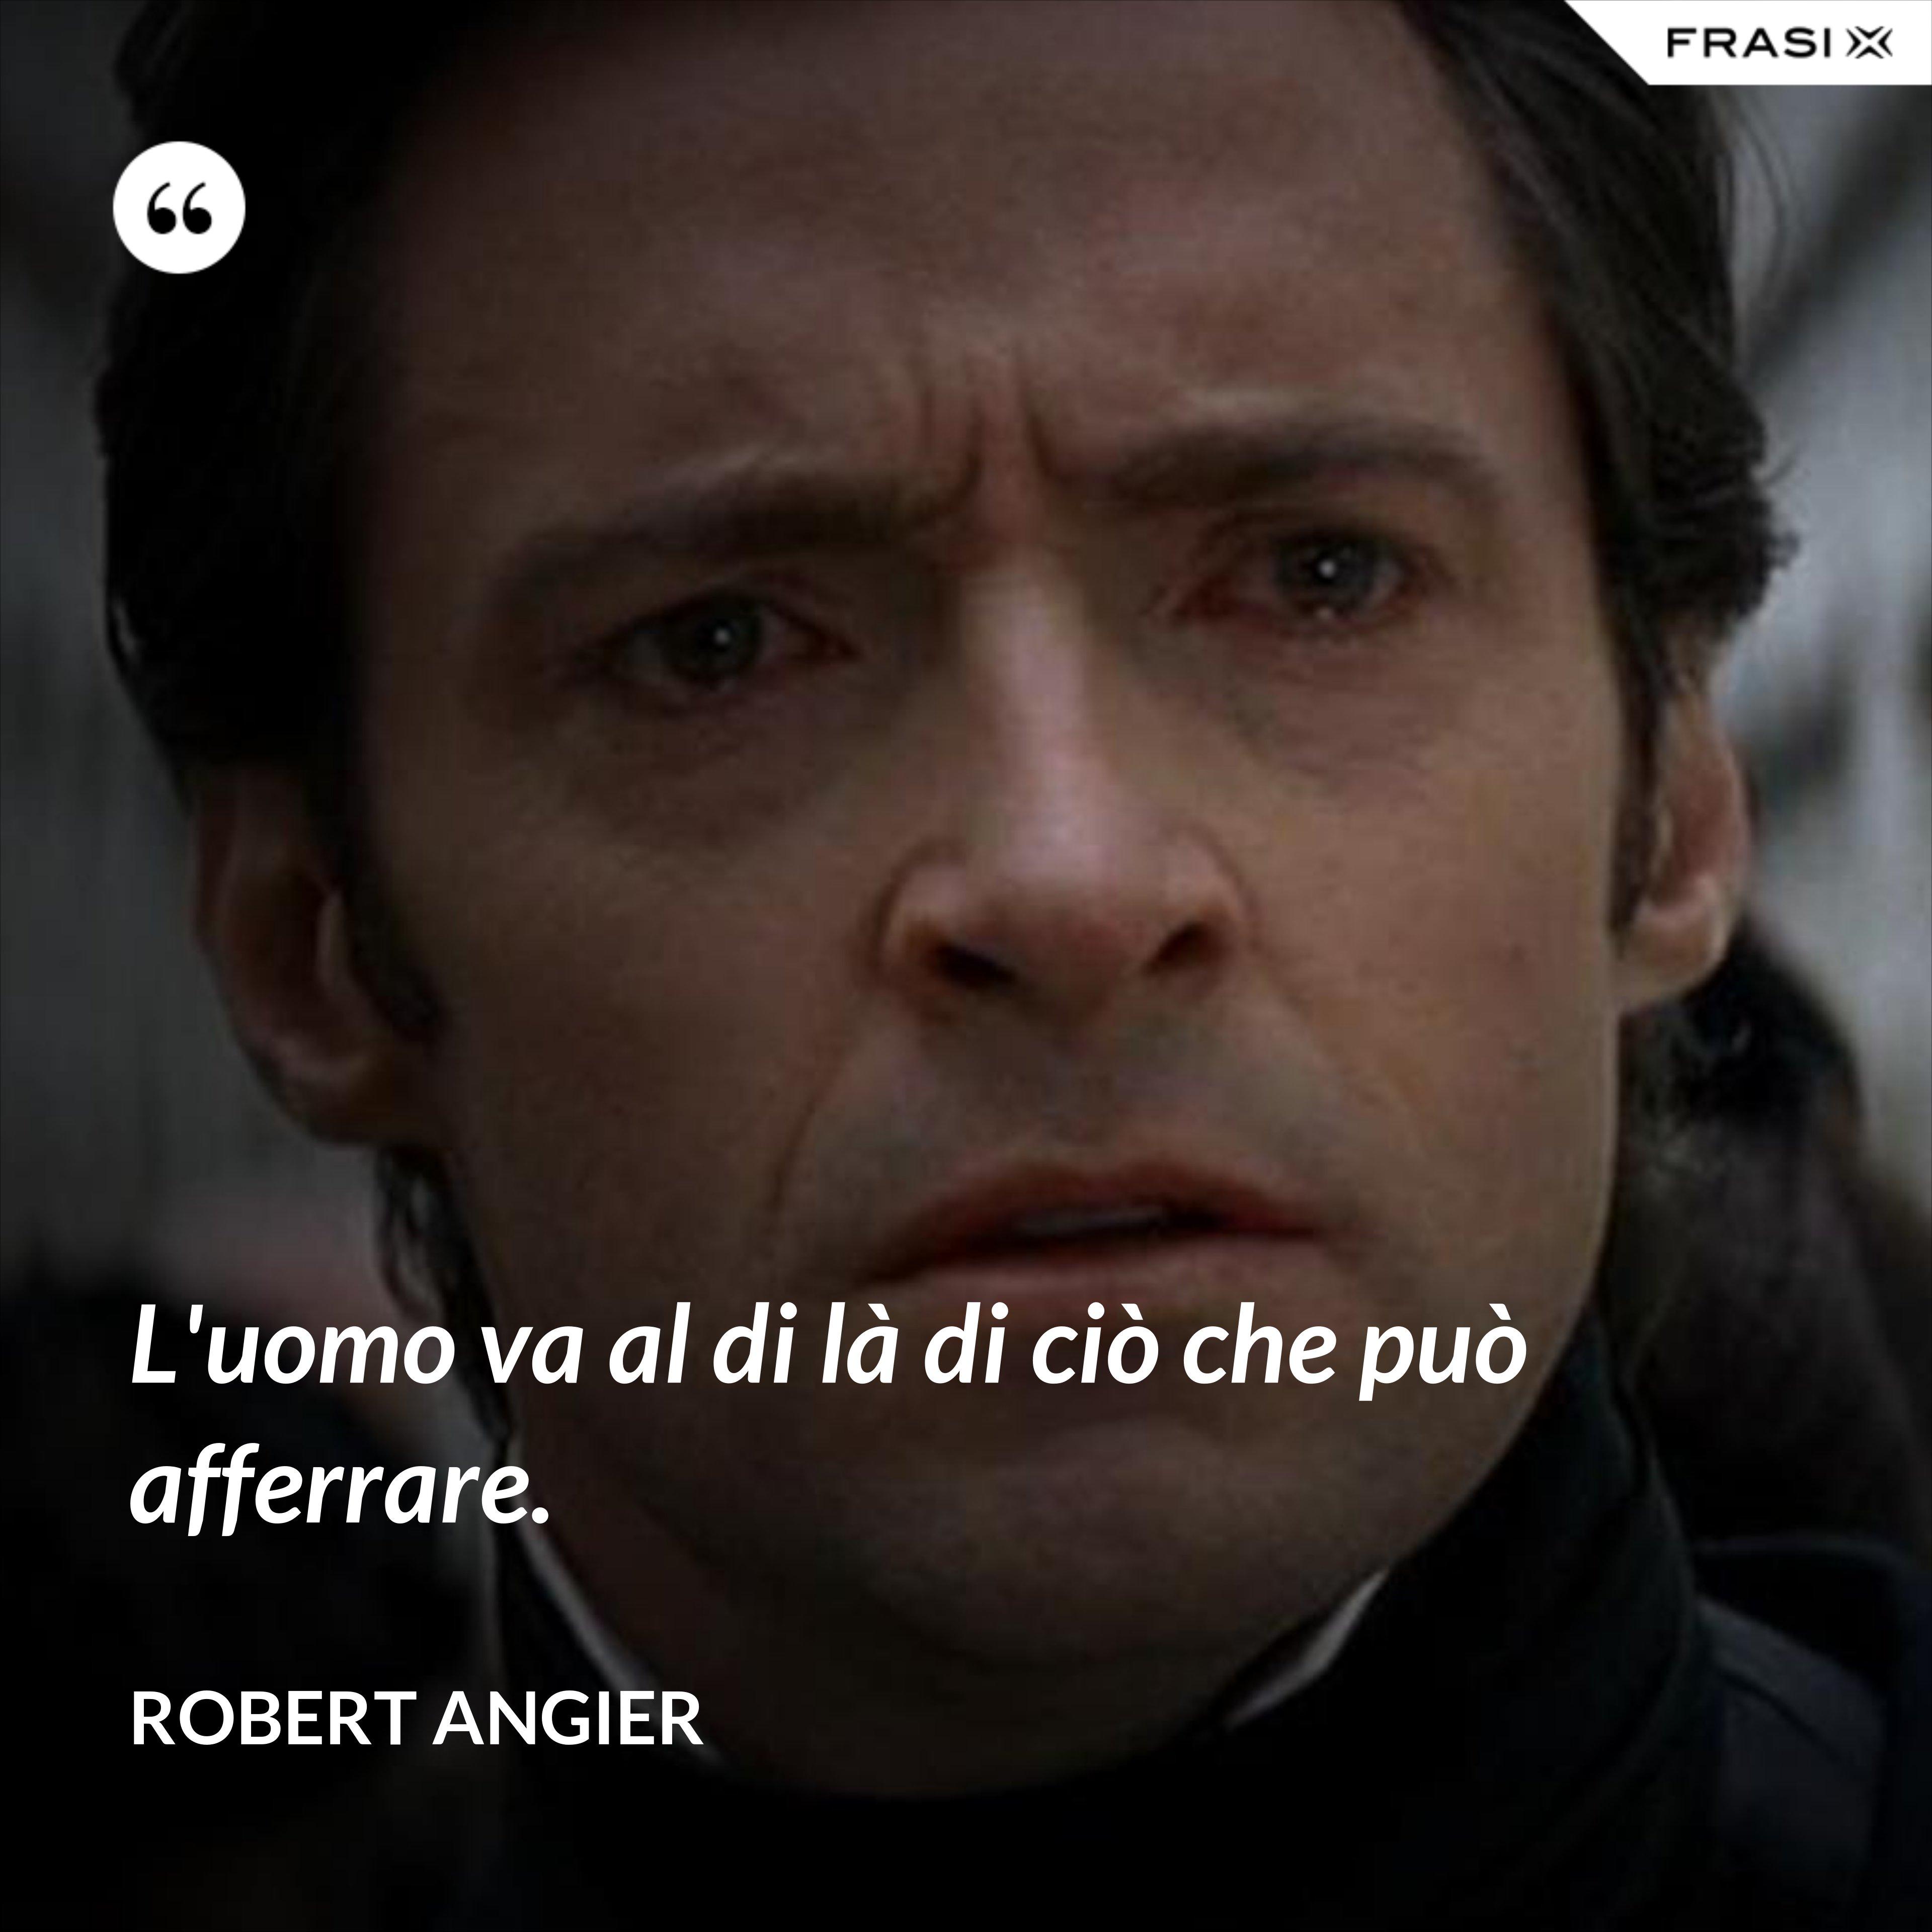 L'uomo va al di là di ciò che può afferrare. - Robert Angier